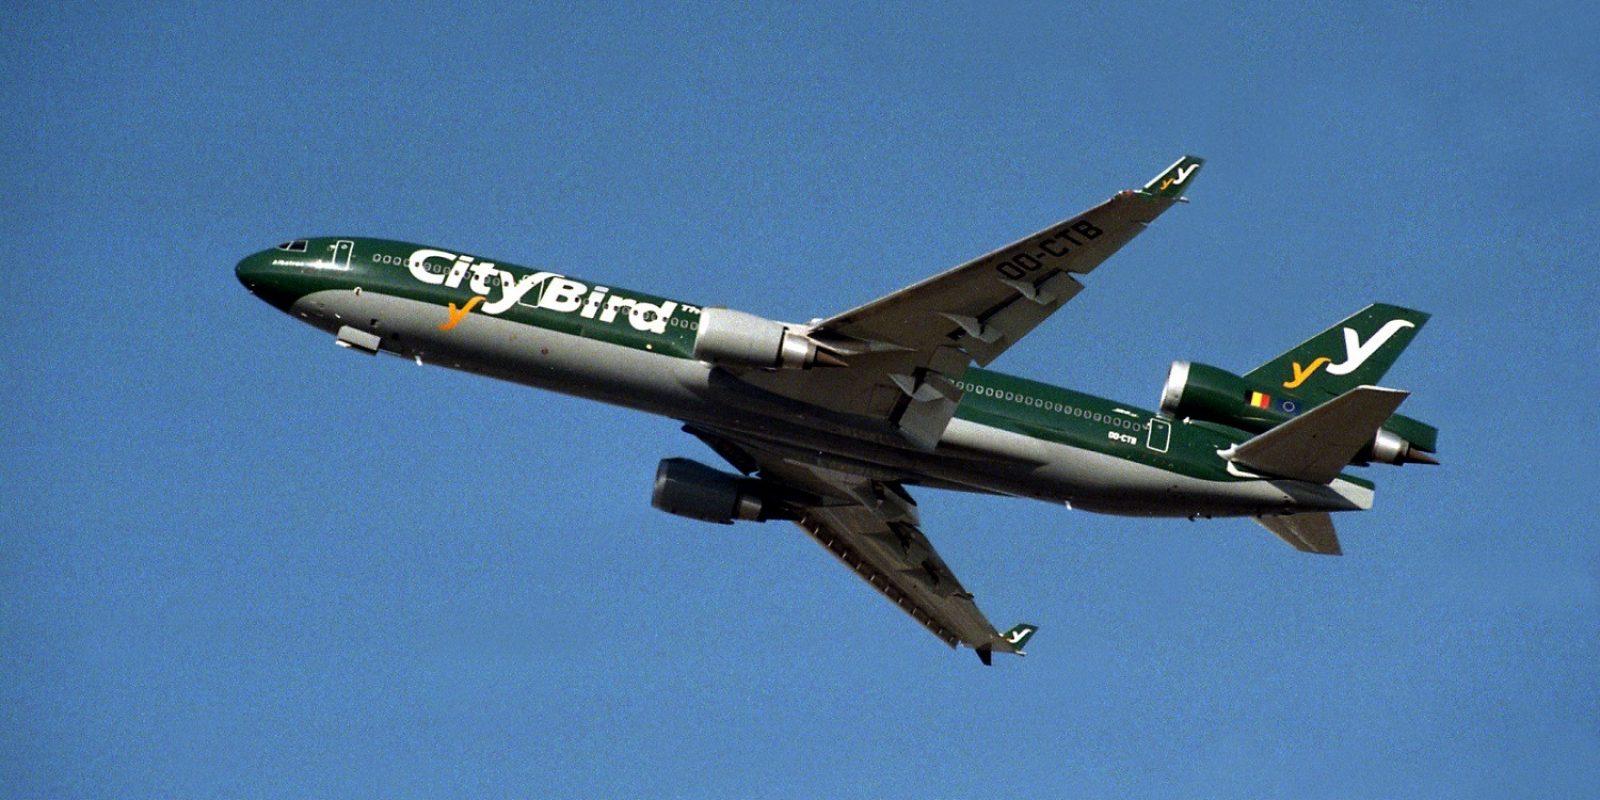 décollage à l'été 1998 du premier MD-11 (OO-CTB msn 48796) aux couleurs vertes de City Bird.